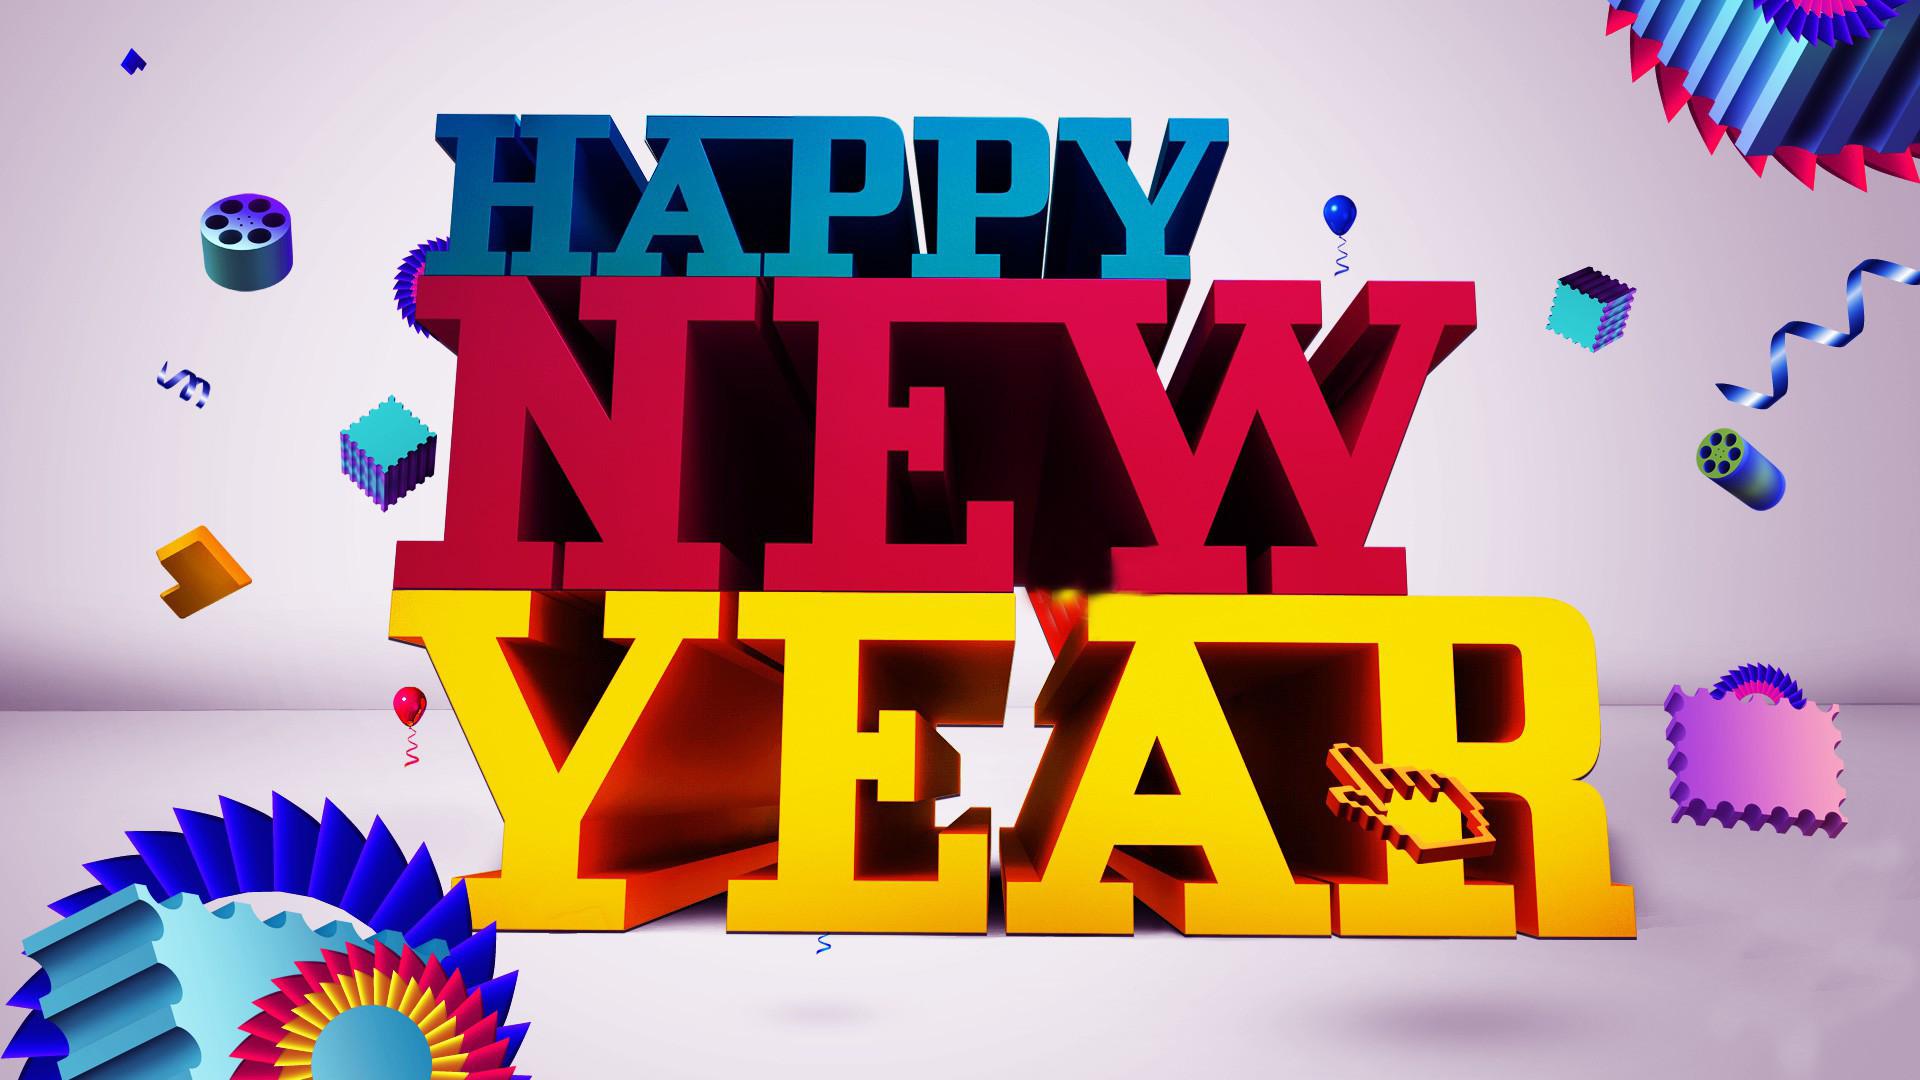 1920x1080 Happy New Year 2017 Wallpaper 3d Hd 22